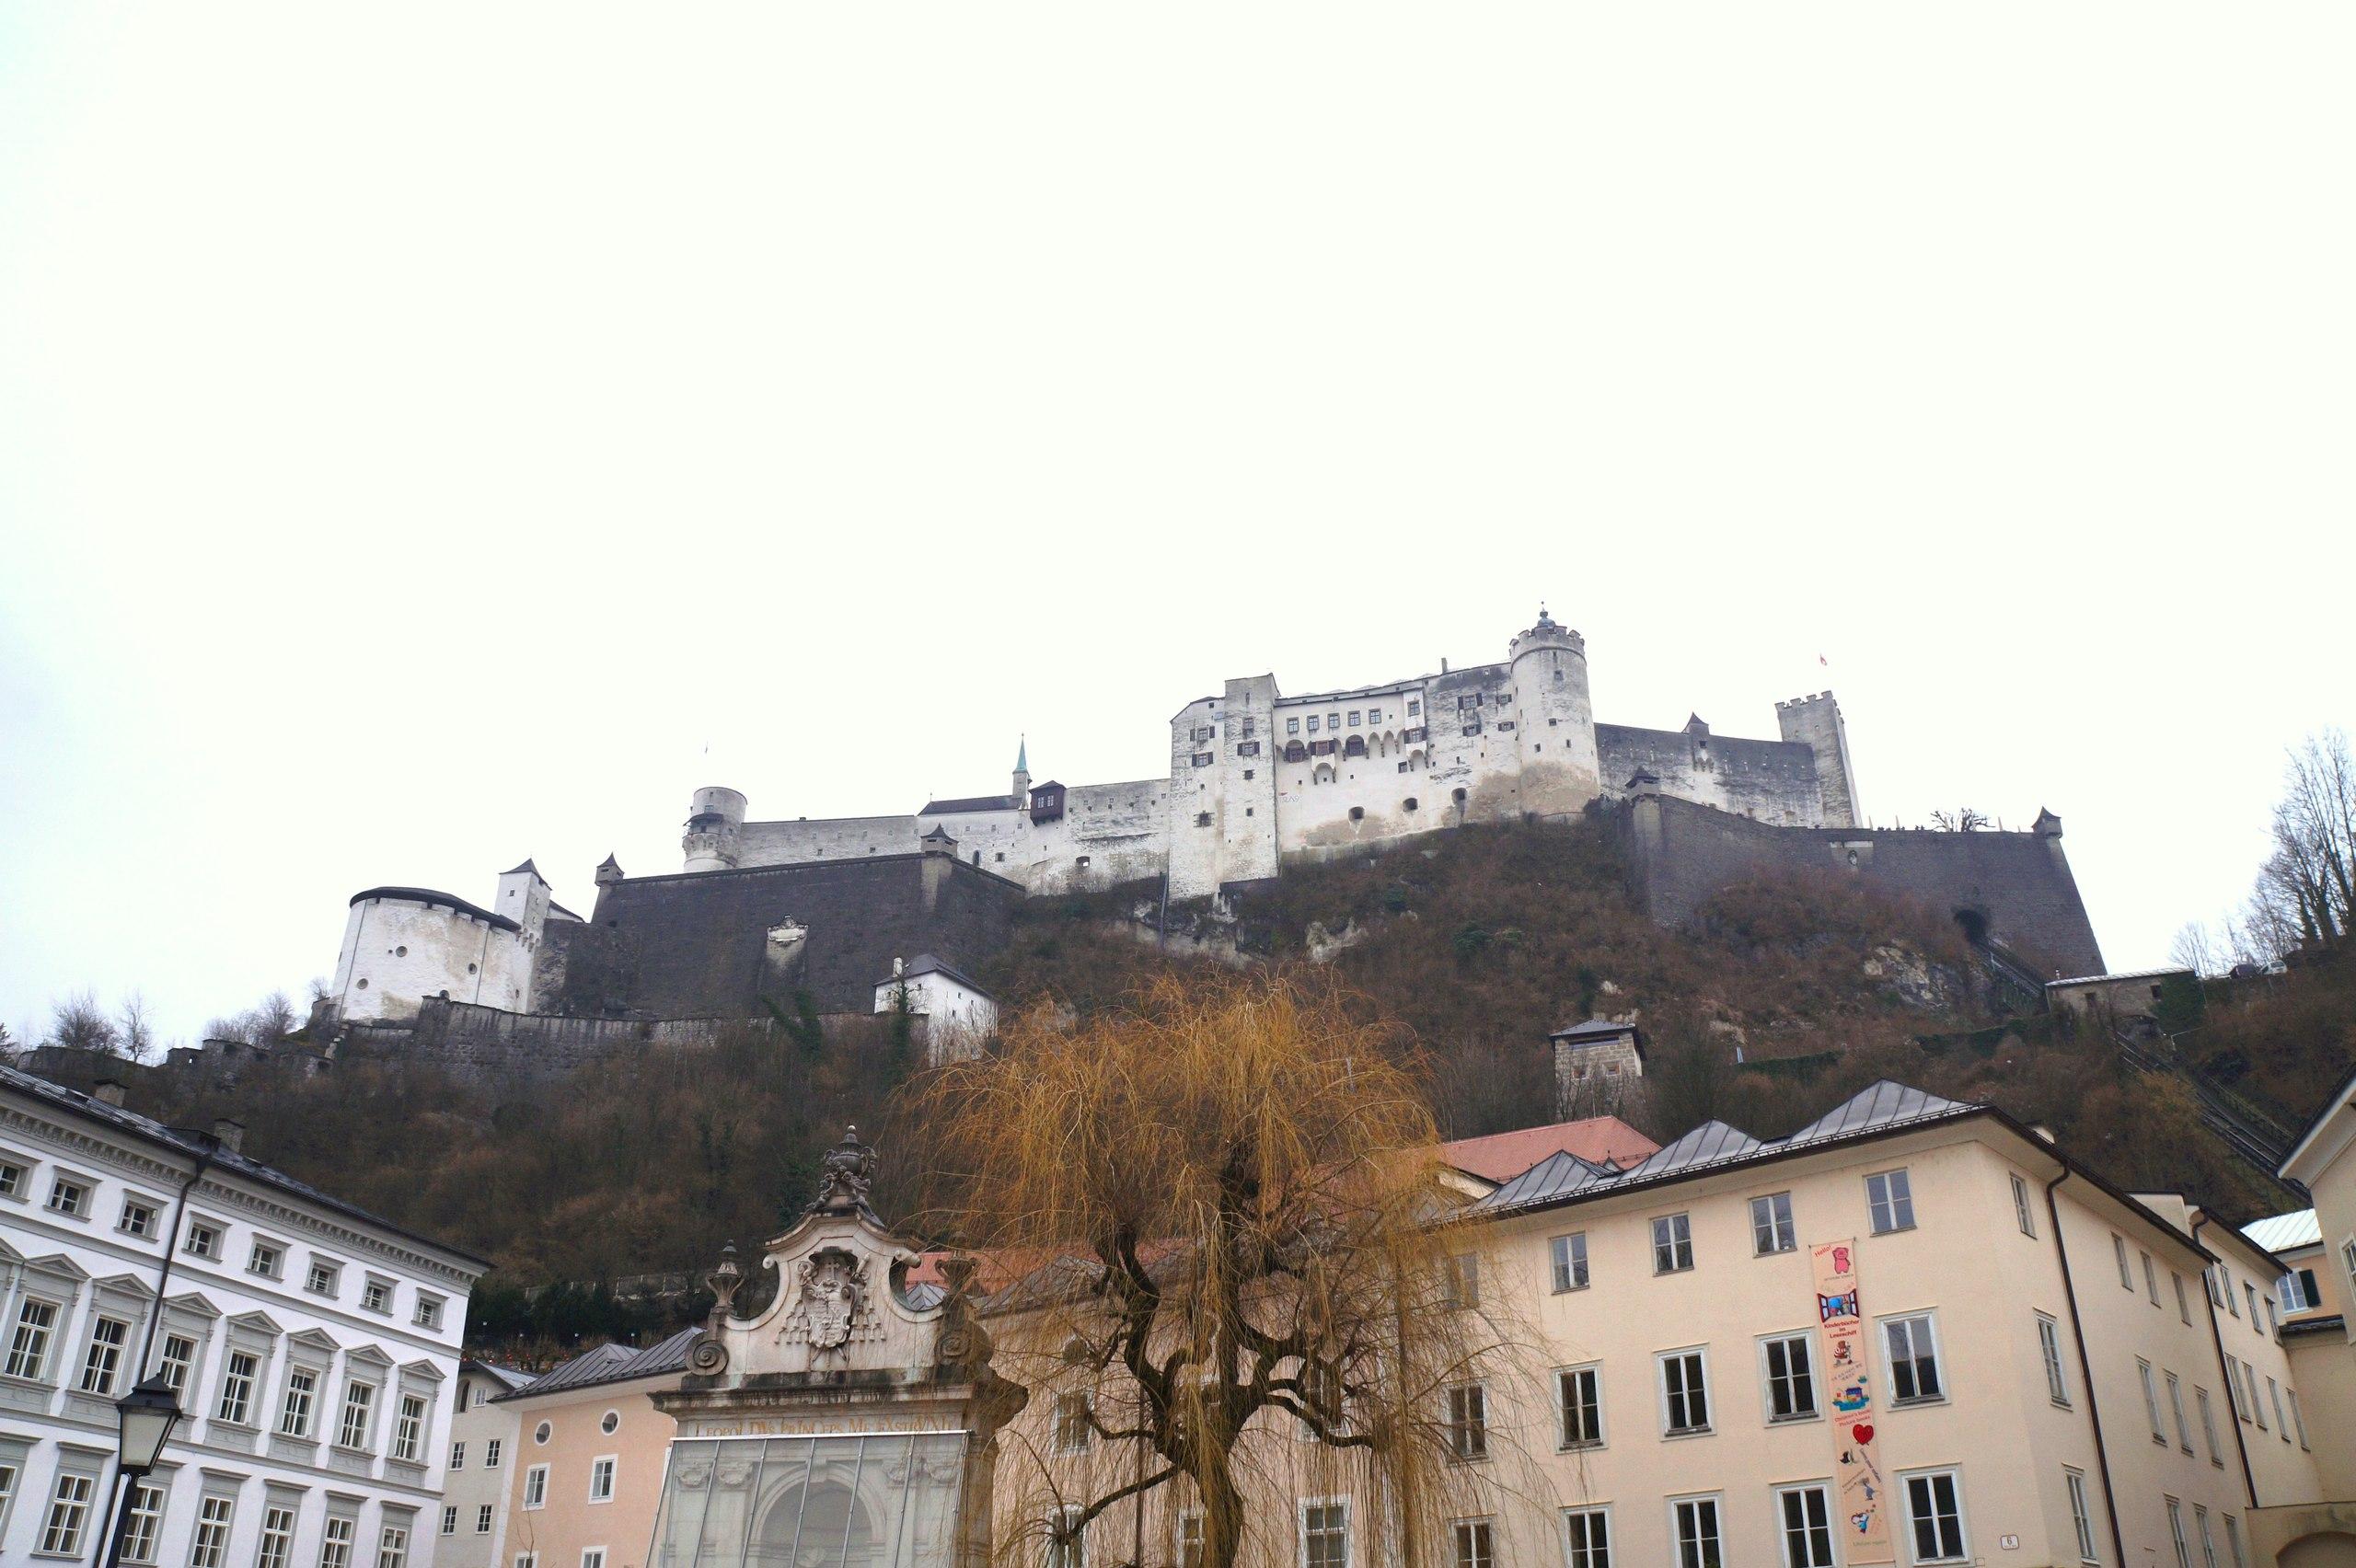 Великая крепость Хоэнзальцбург и ее музеи